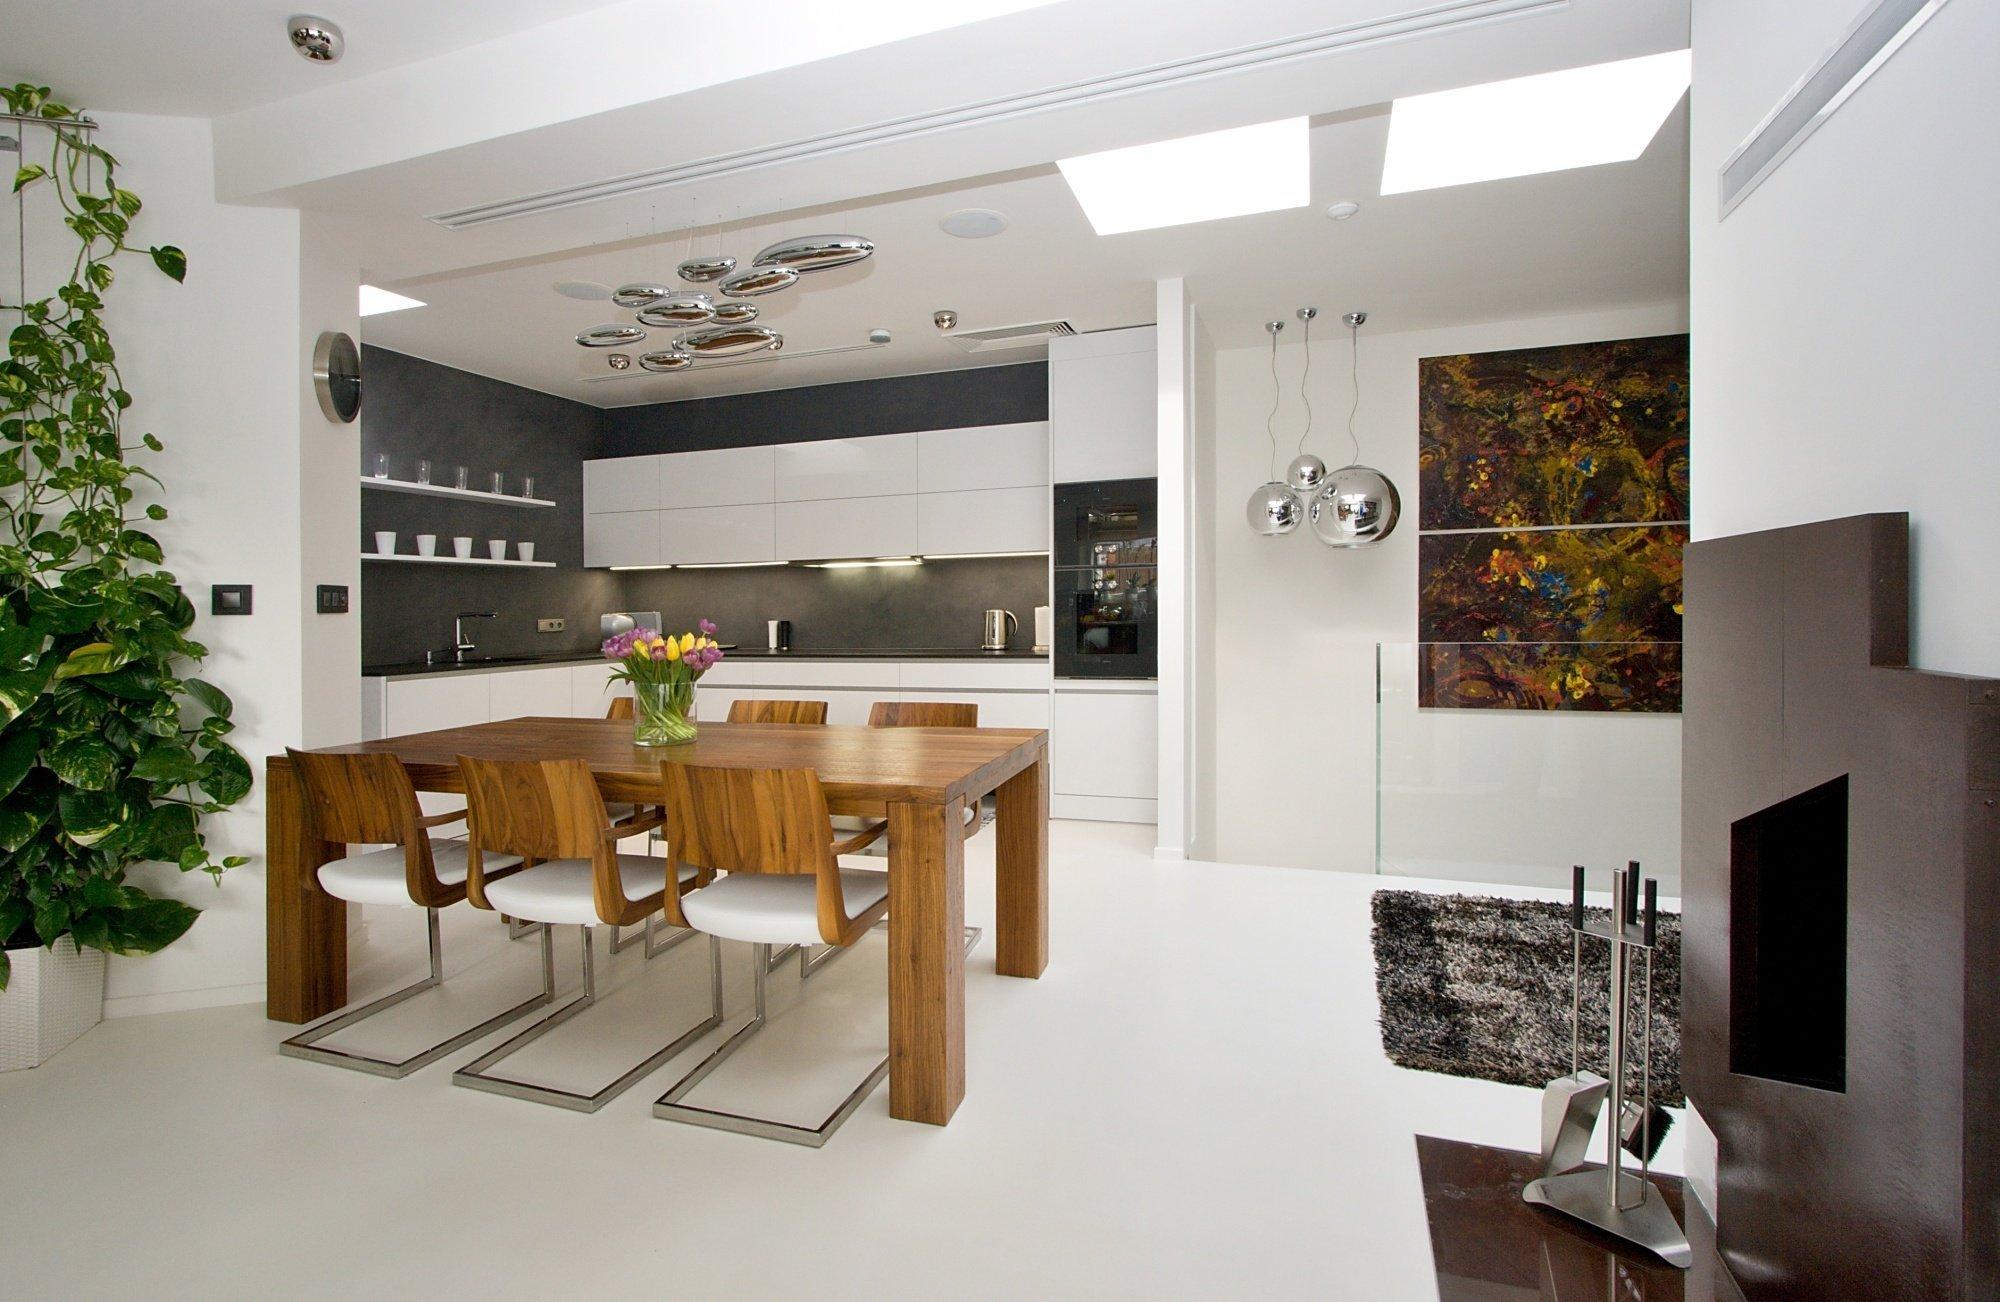 Kuchyň EGGERSMANN a realizace interiéru bytu. Provedení kuchyně je lesklý lak s ABS hranou Dallas. Pracovní deska je žula Nero Assoluto, jako obklad je použita…